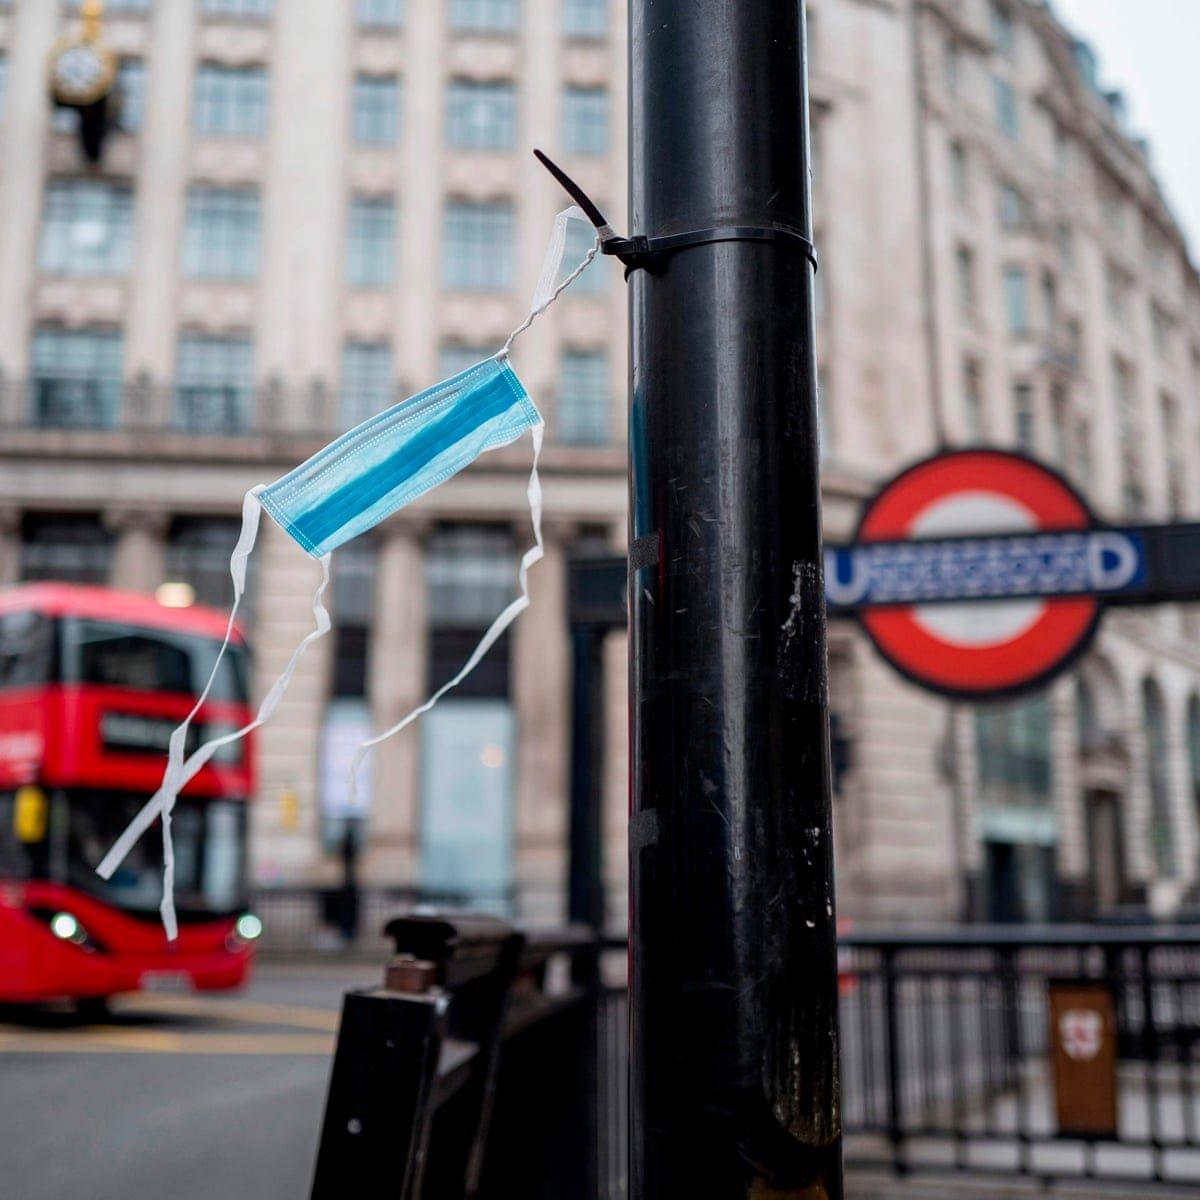 Λονδίνο κλείσιμο καταστημάτων